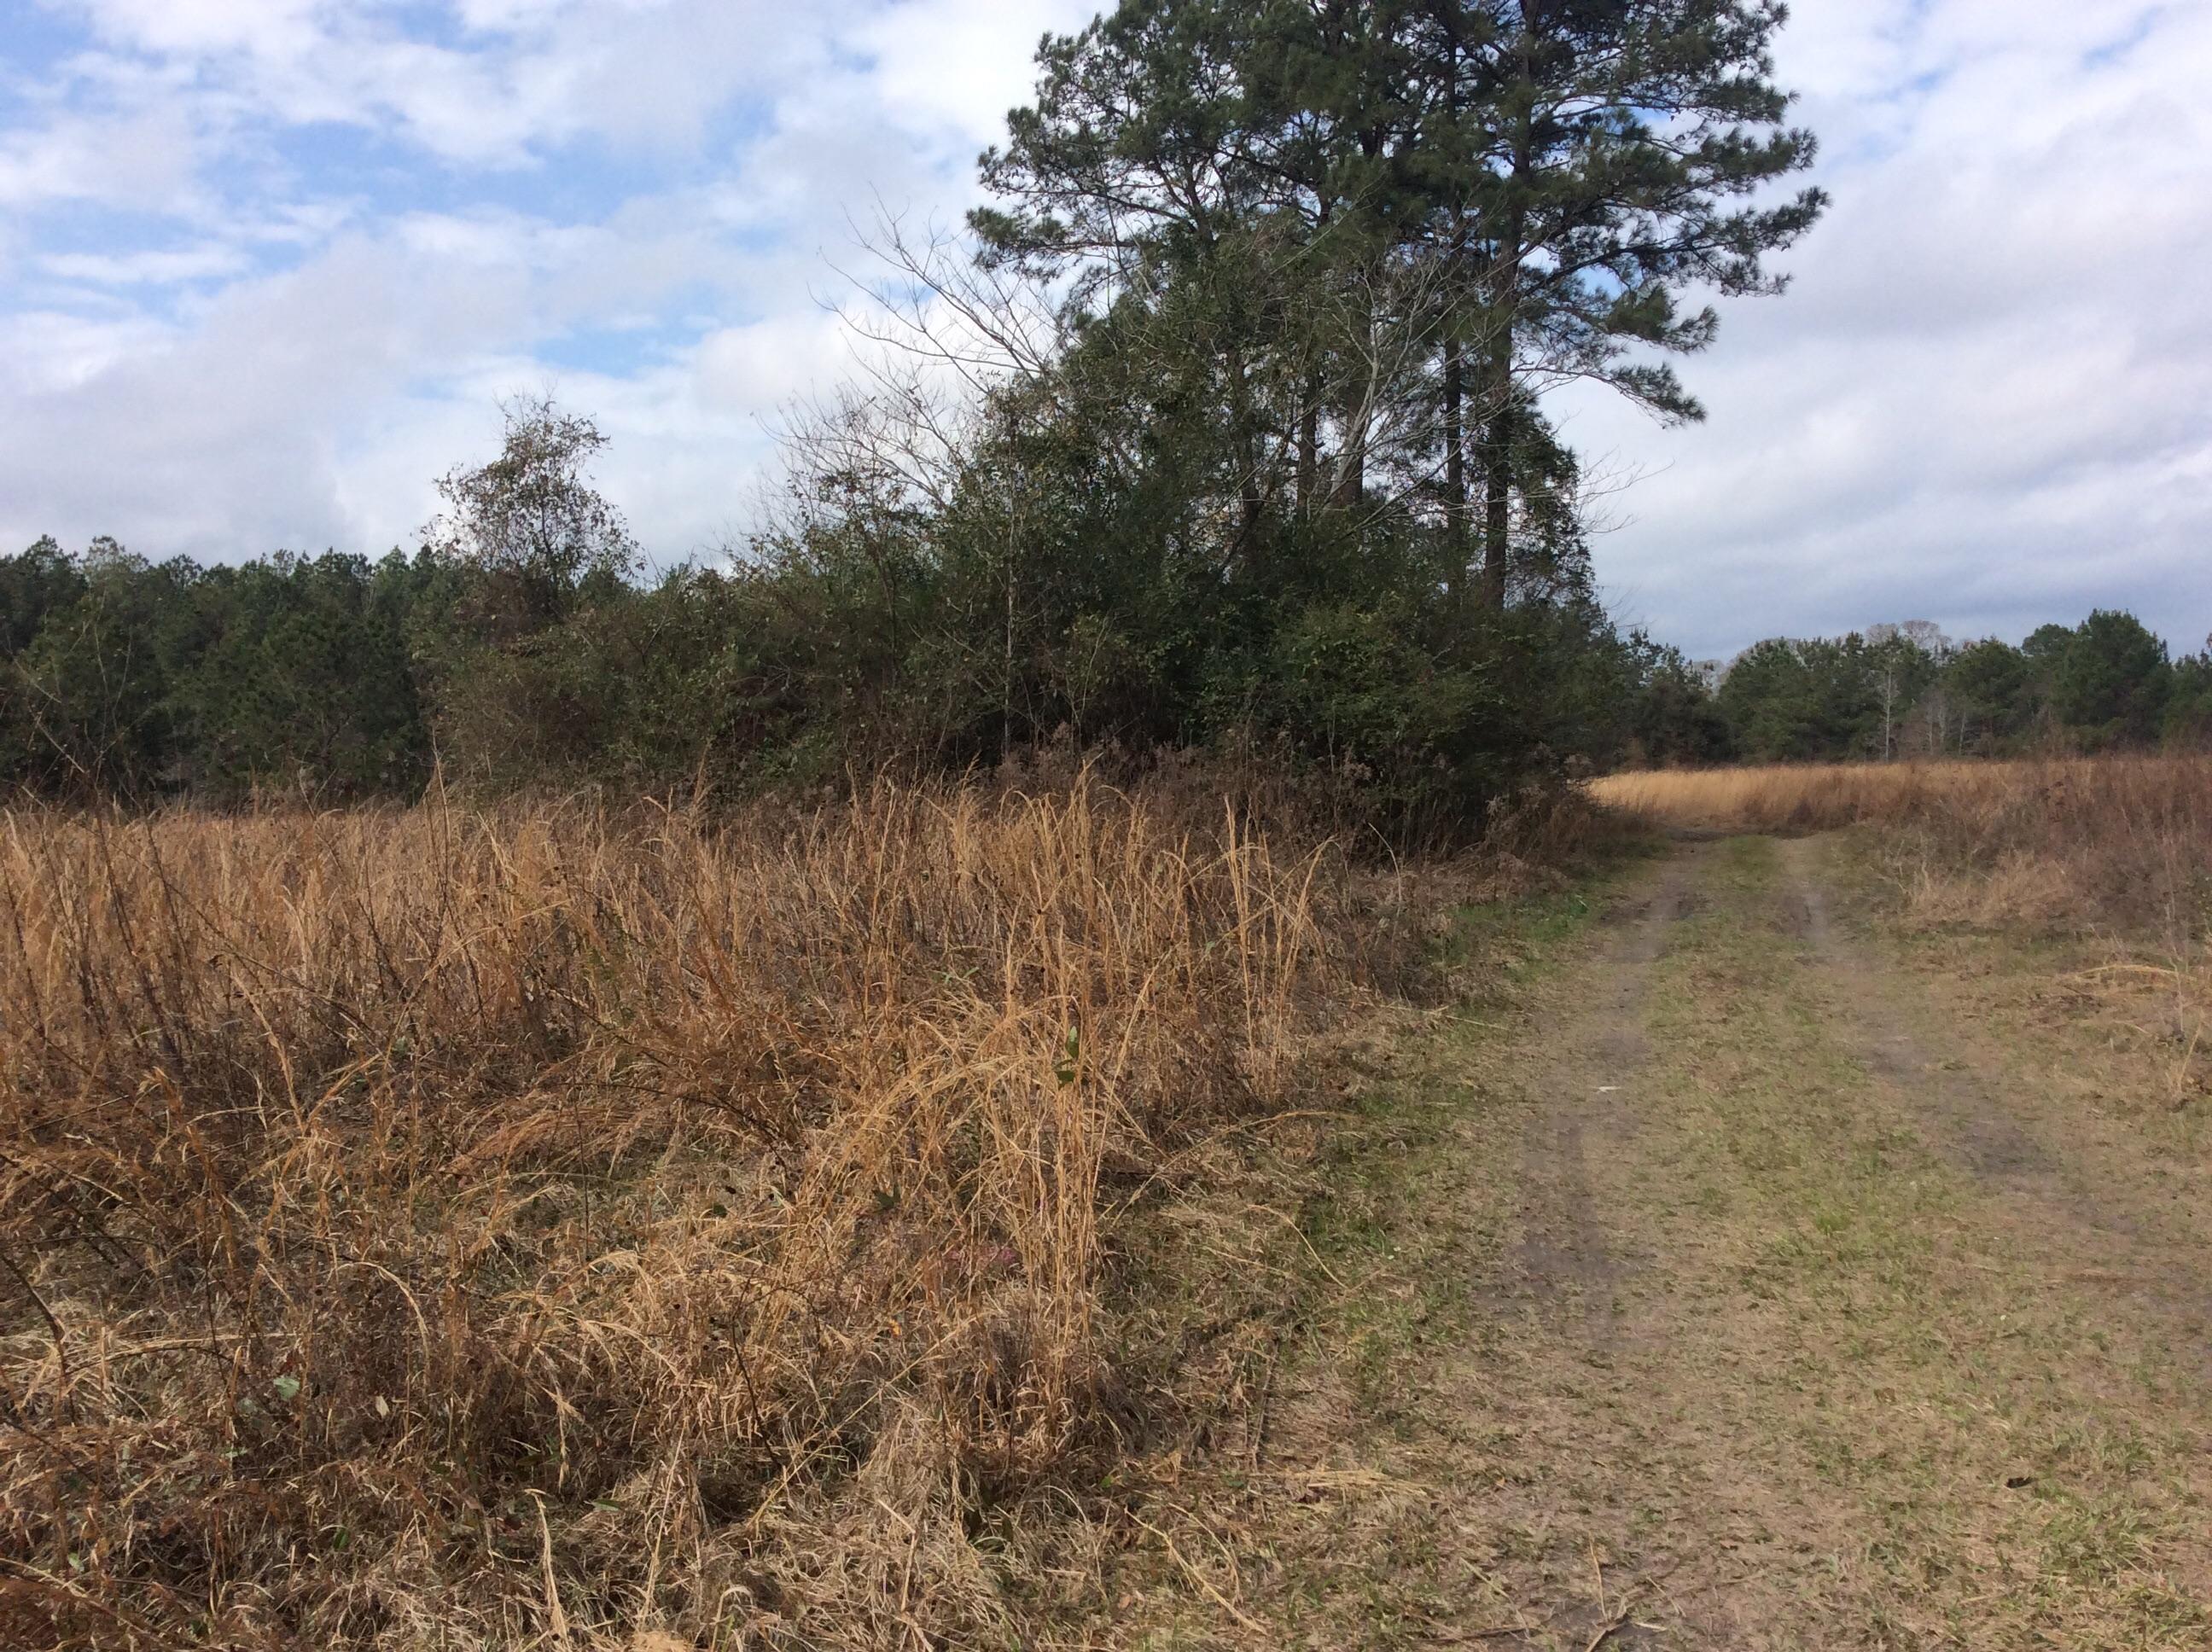 Rosepine land for sale,  TBD CULBREATH DR, Rosepine LA - $120,000